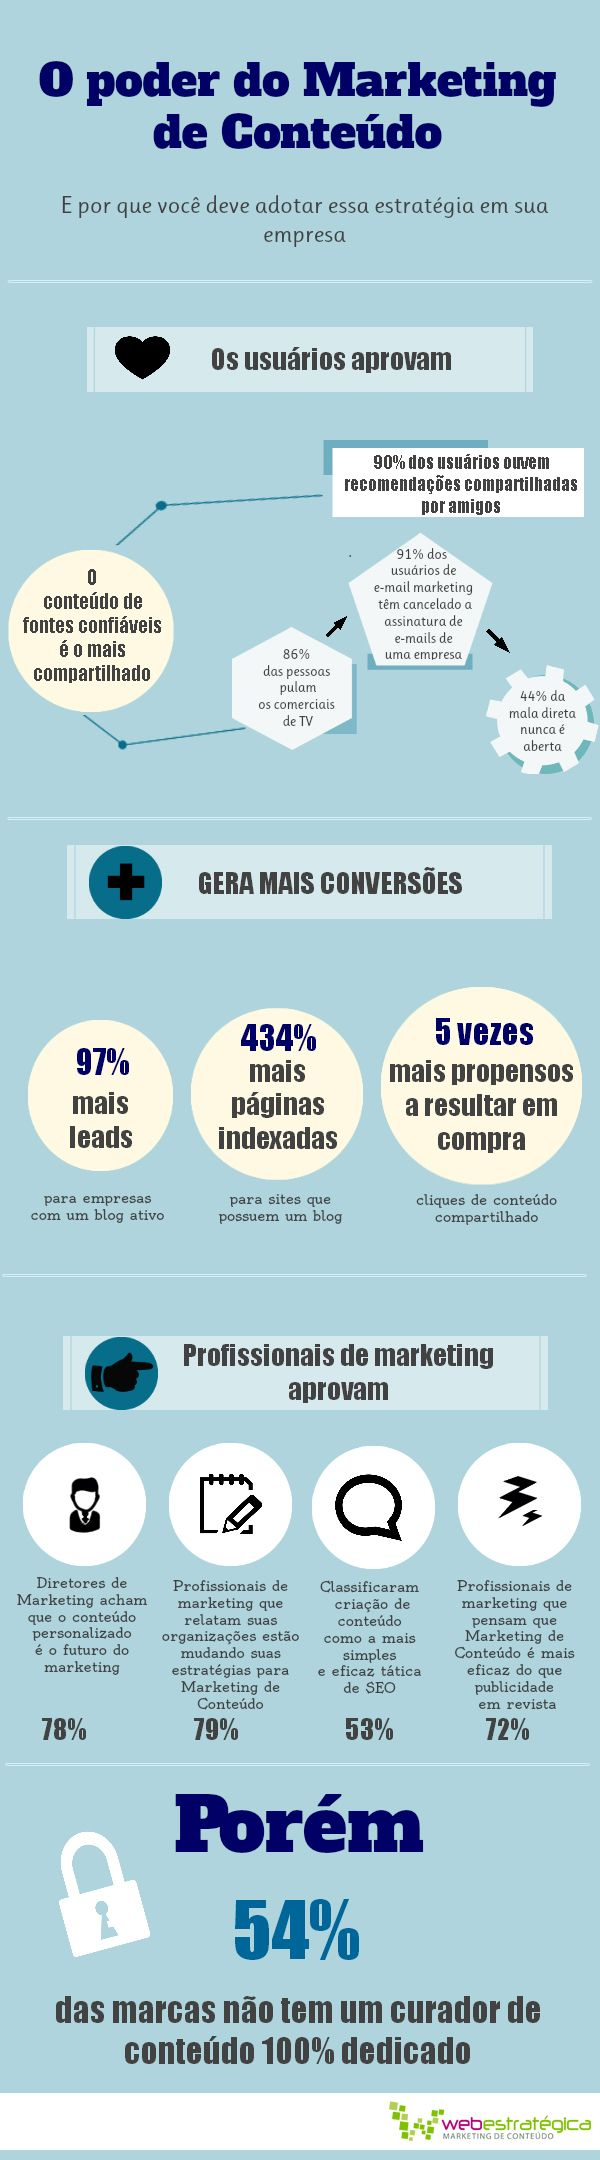 Infográficl: O poder do Marketing de Conteúdo